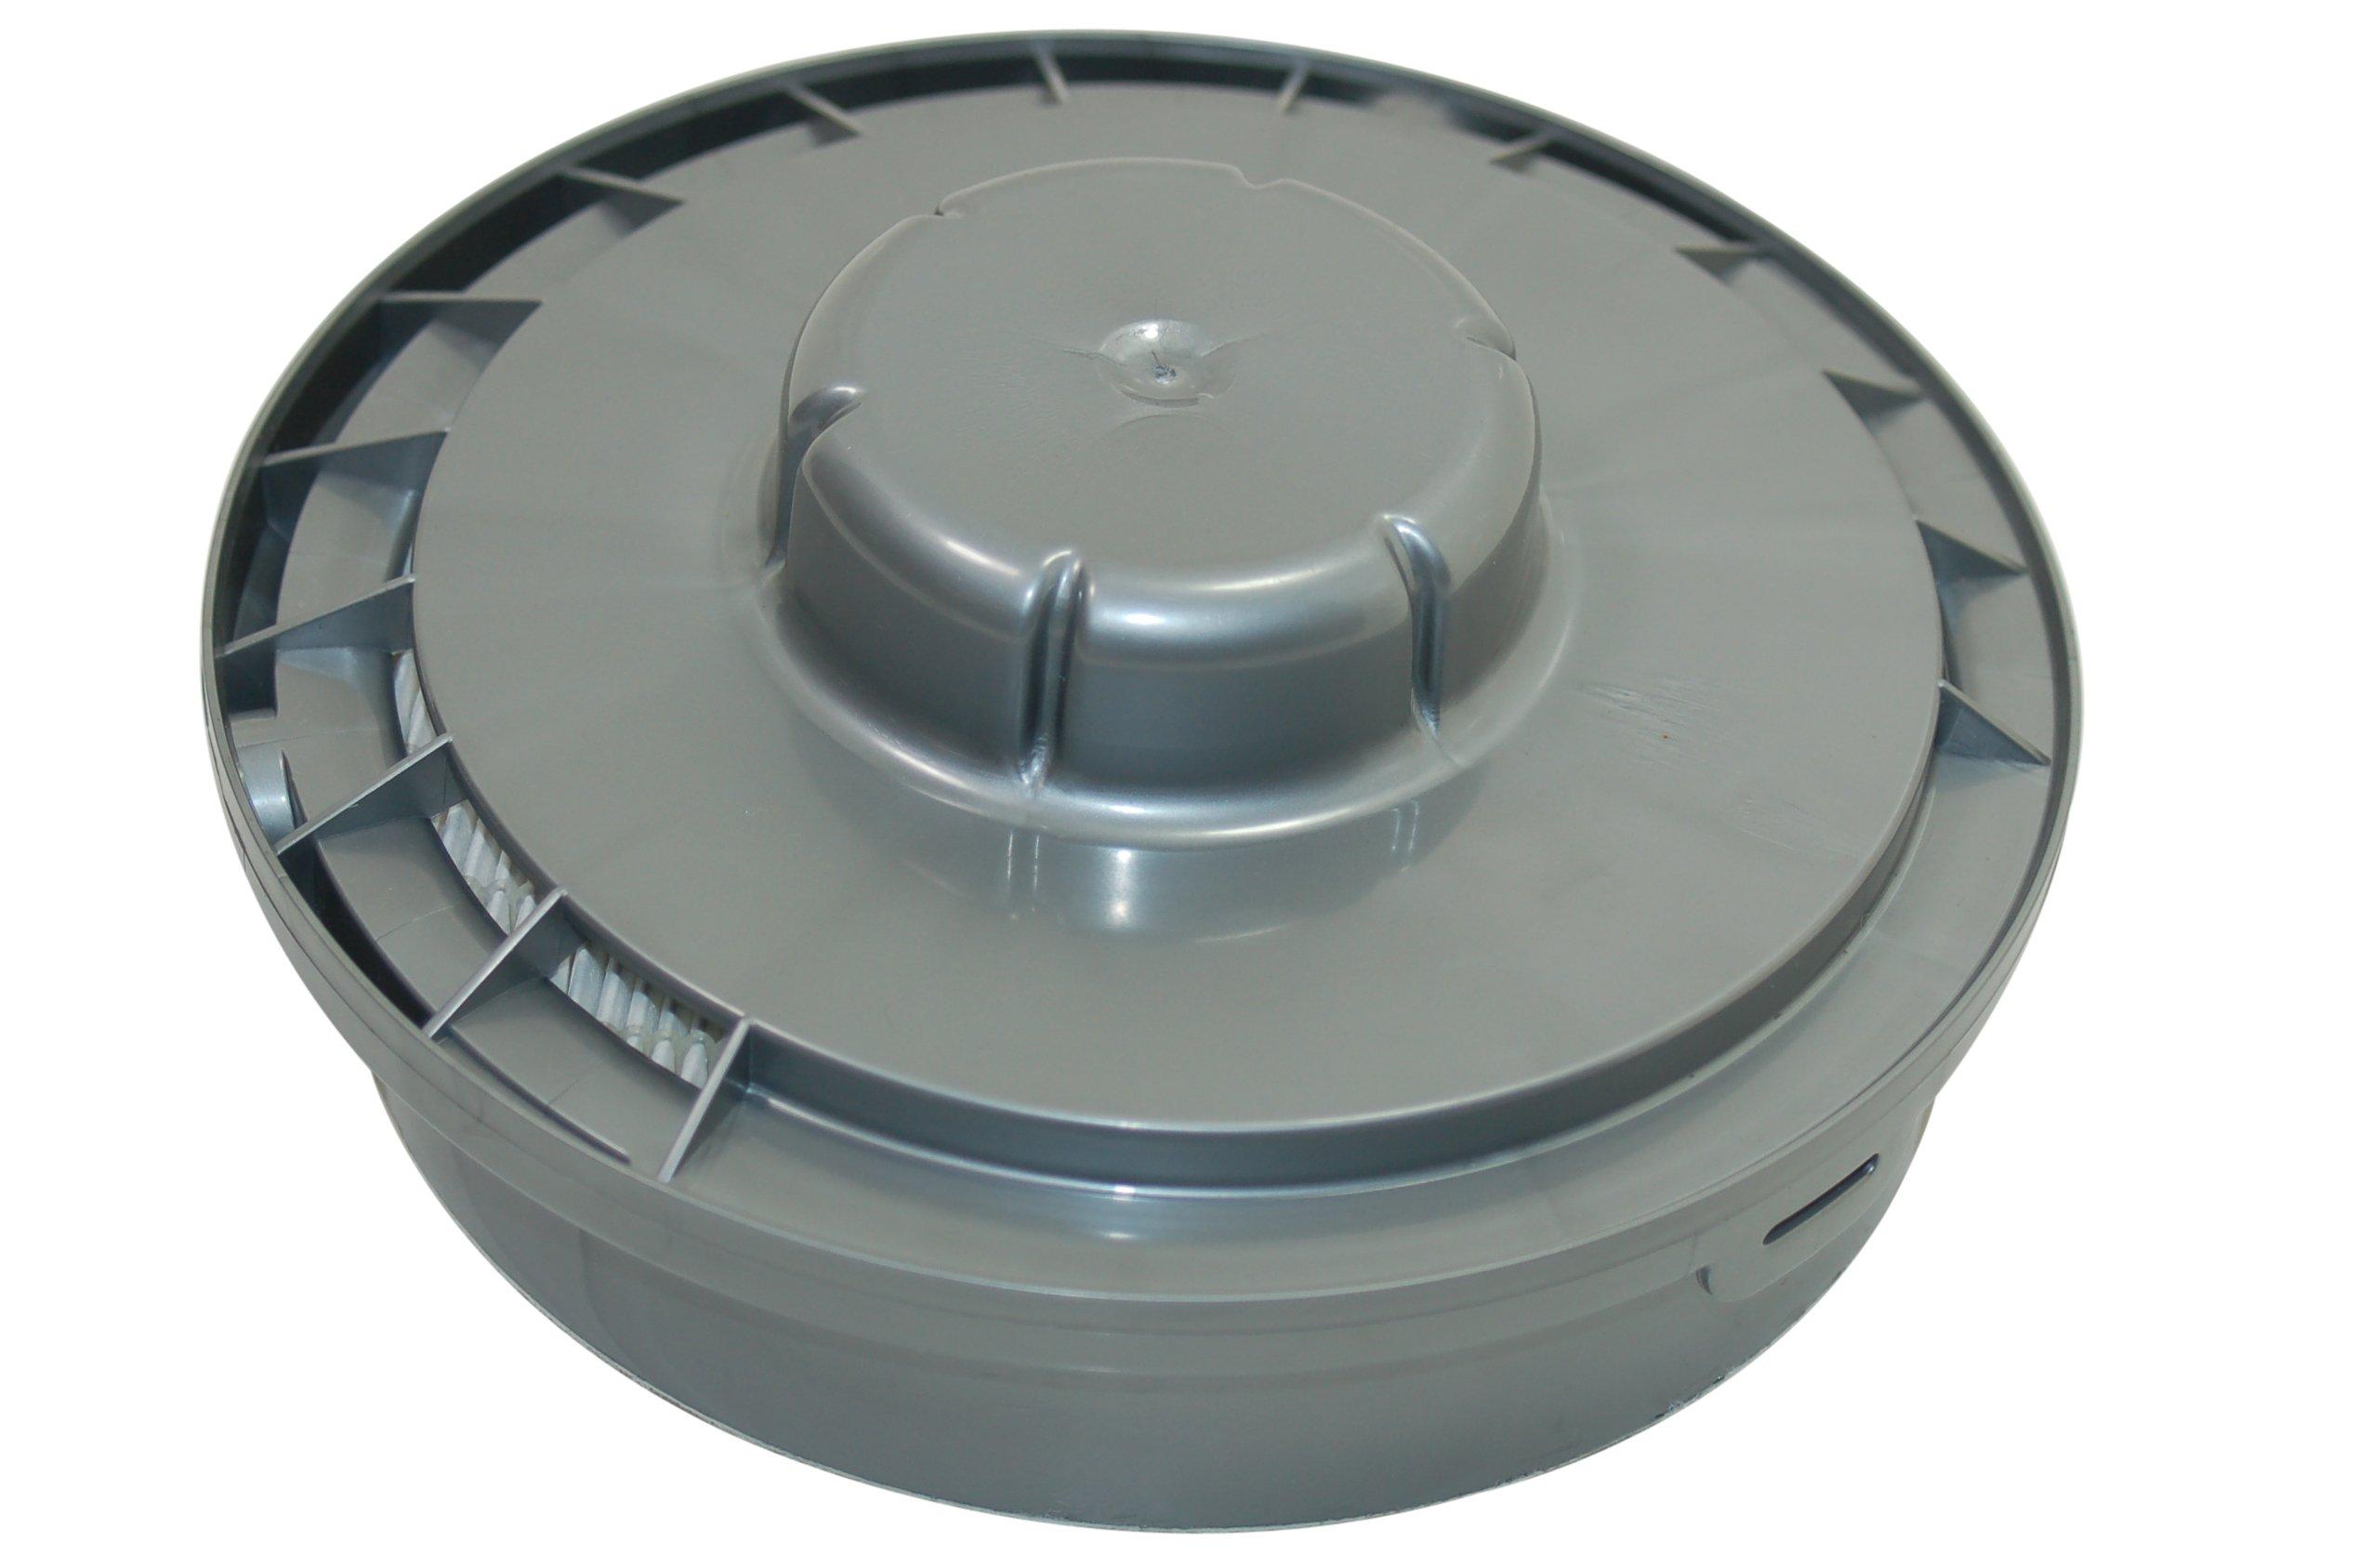 Genuine DYSON DC15 Vacuum Cleaner Steel Hepa Post Filter 91047101 910471-01